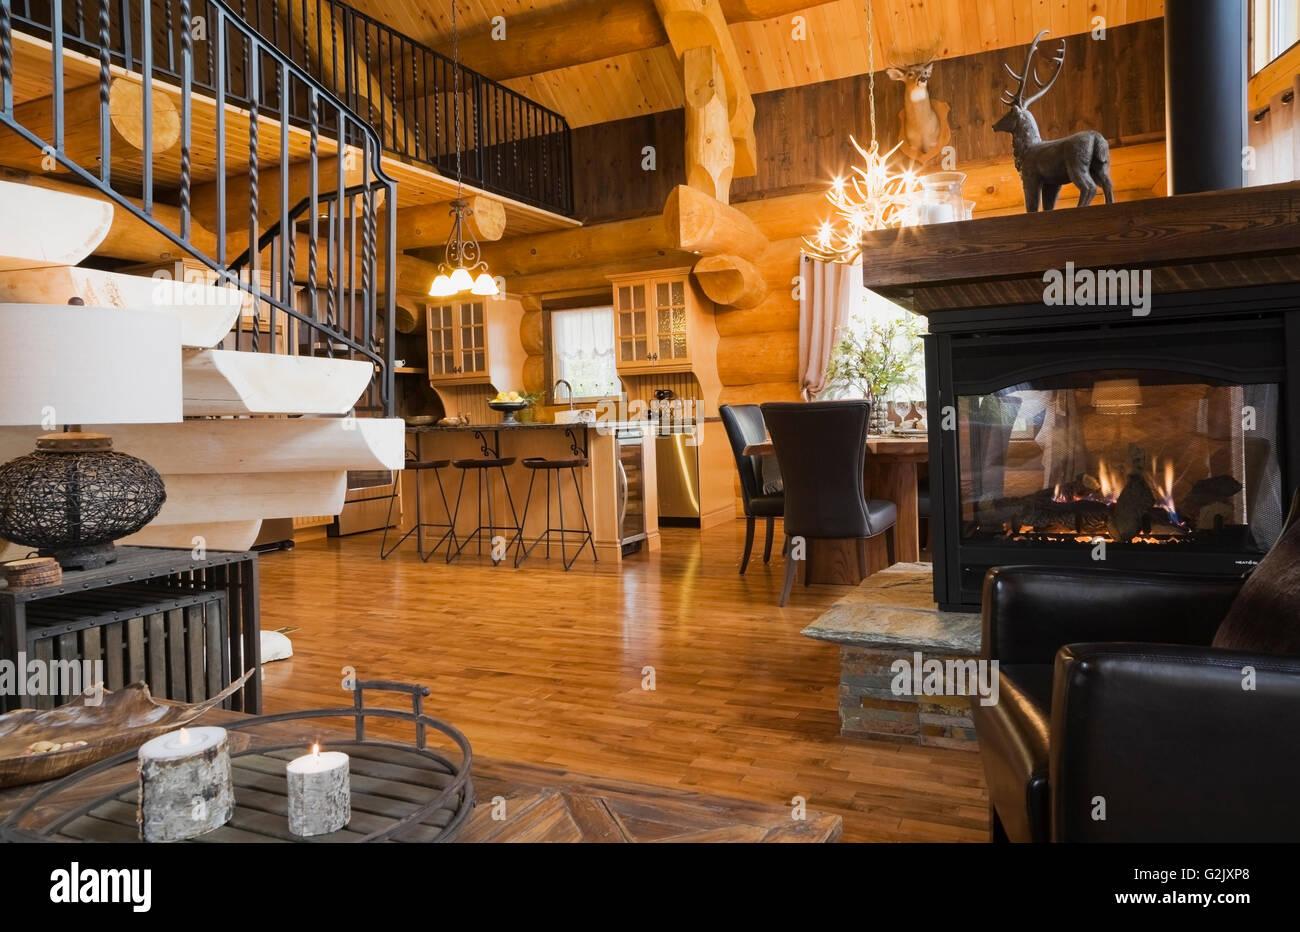 Tavolino da soggiorno imbianchiti scale di legno nero cancellata in